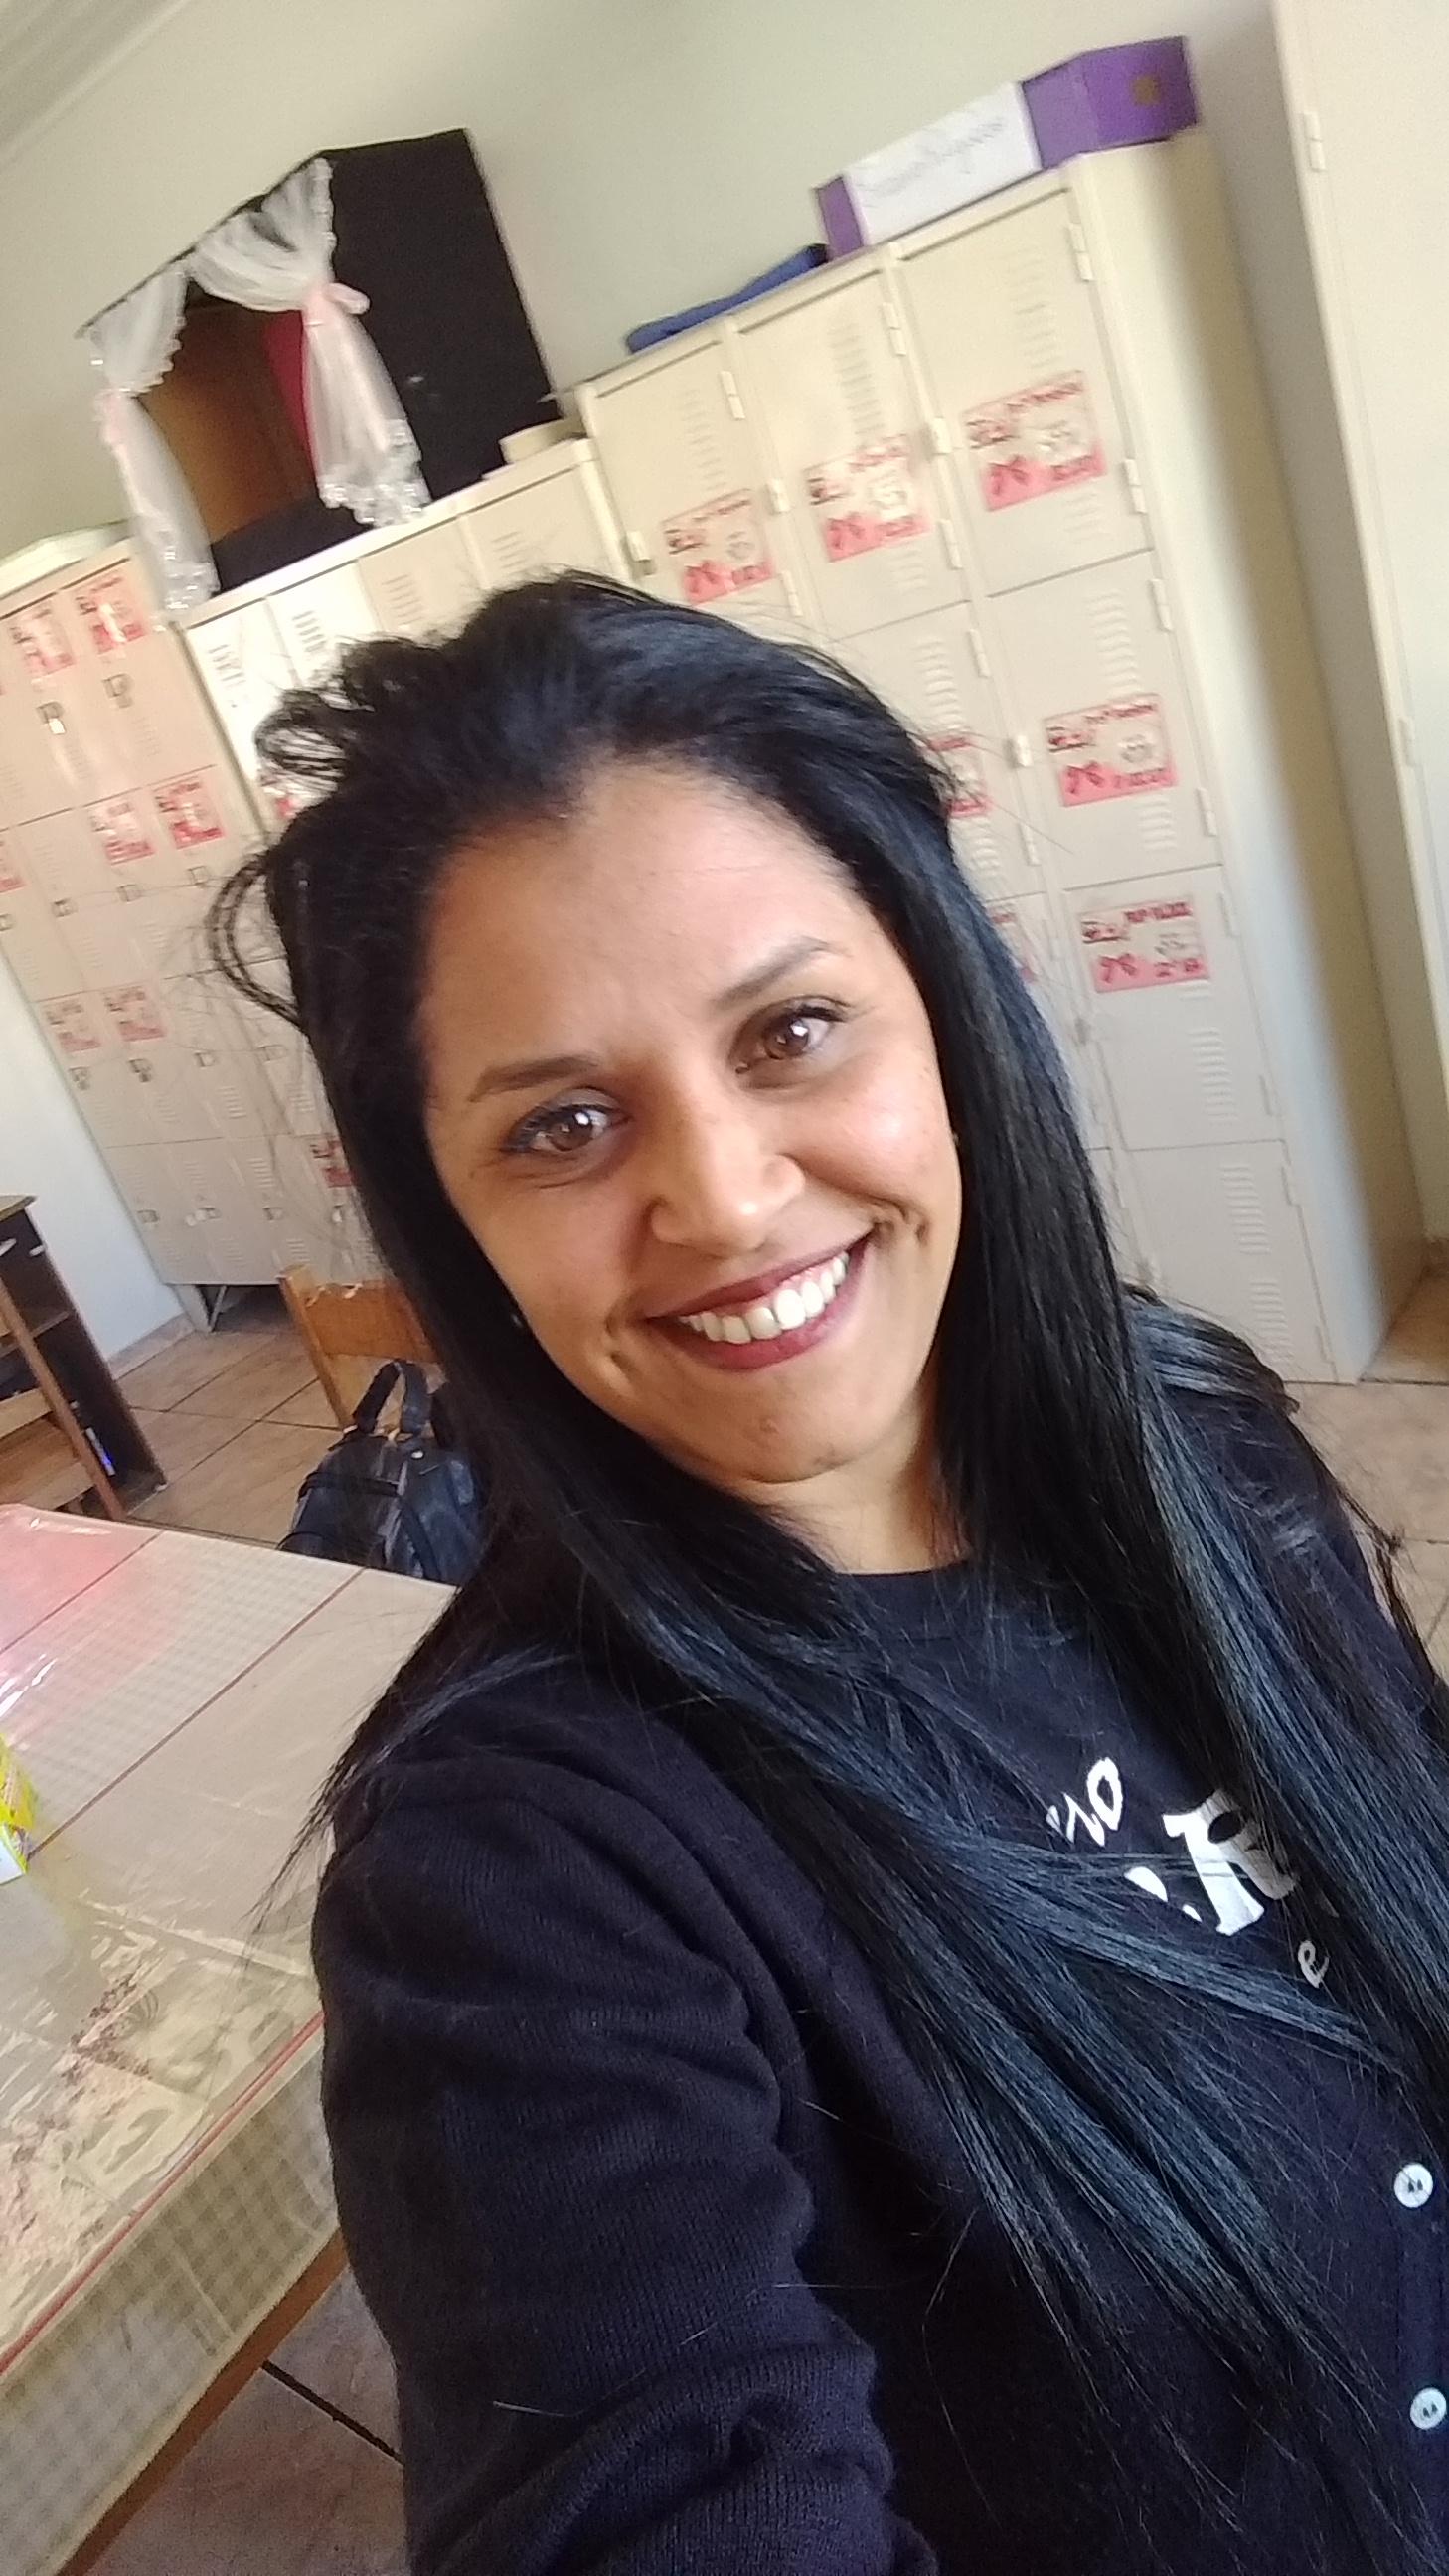 Laura Beatriz de Arruda Rosa